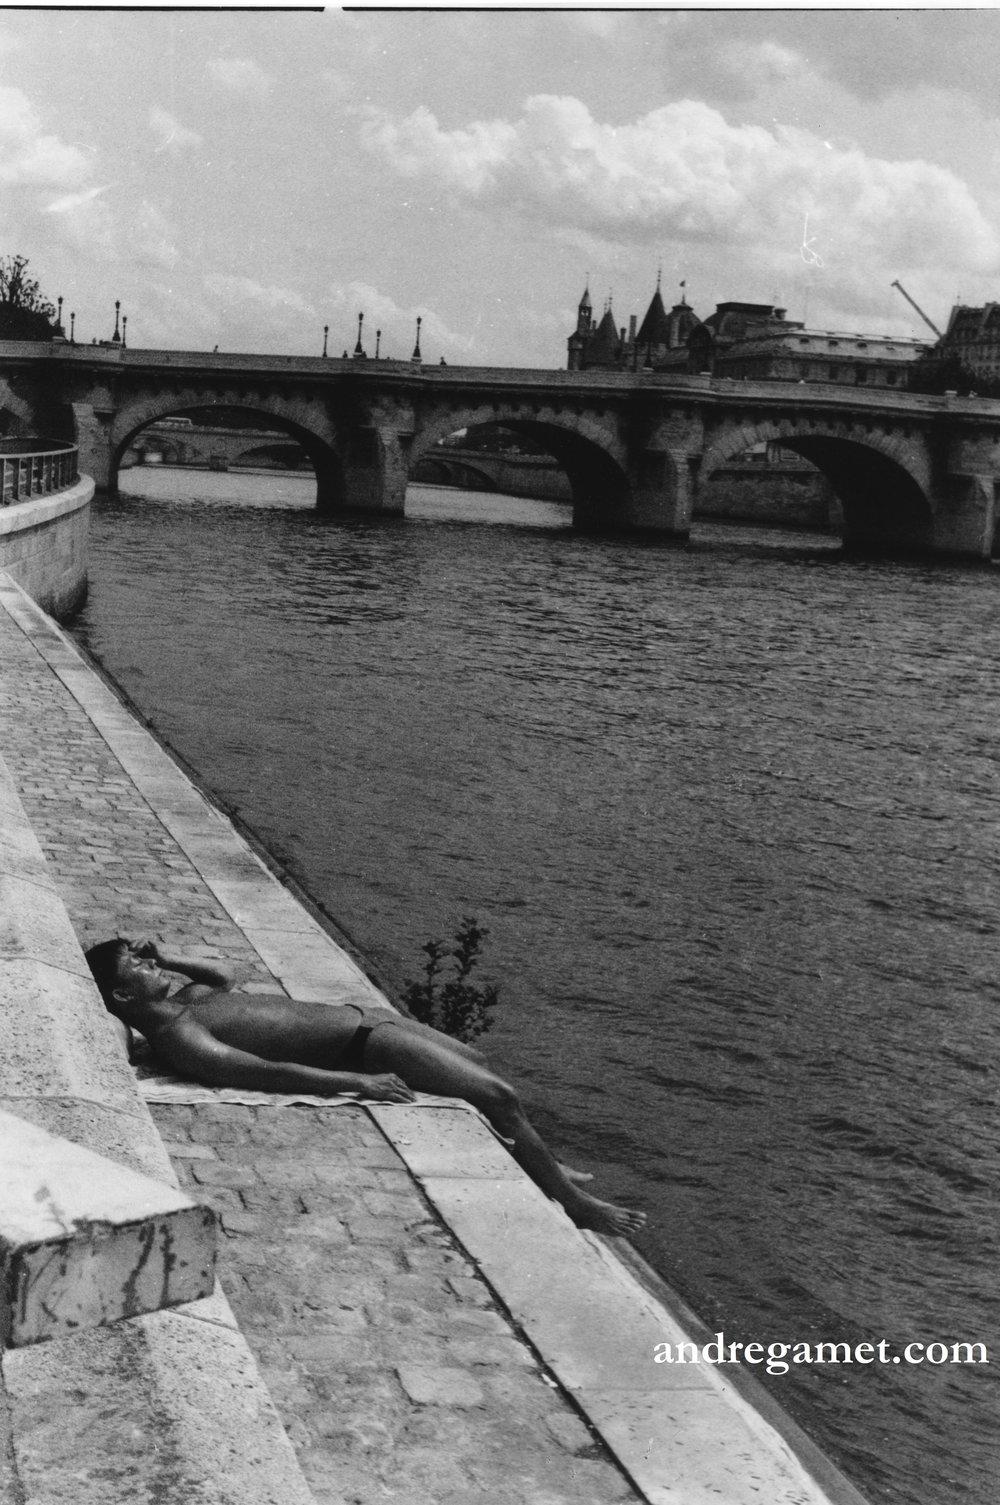 Bain de soleil au Pont Neuf